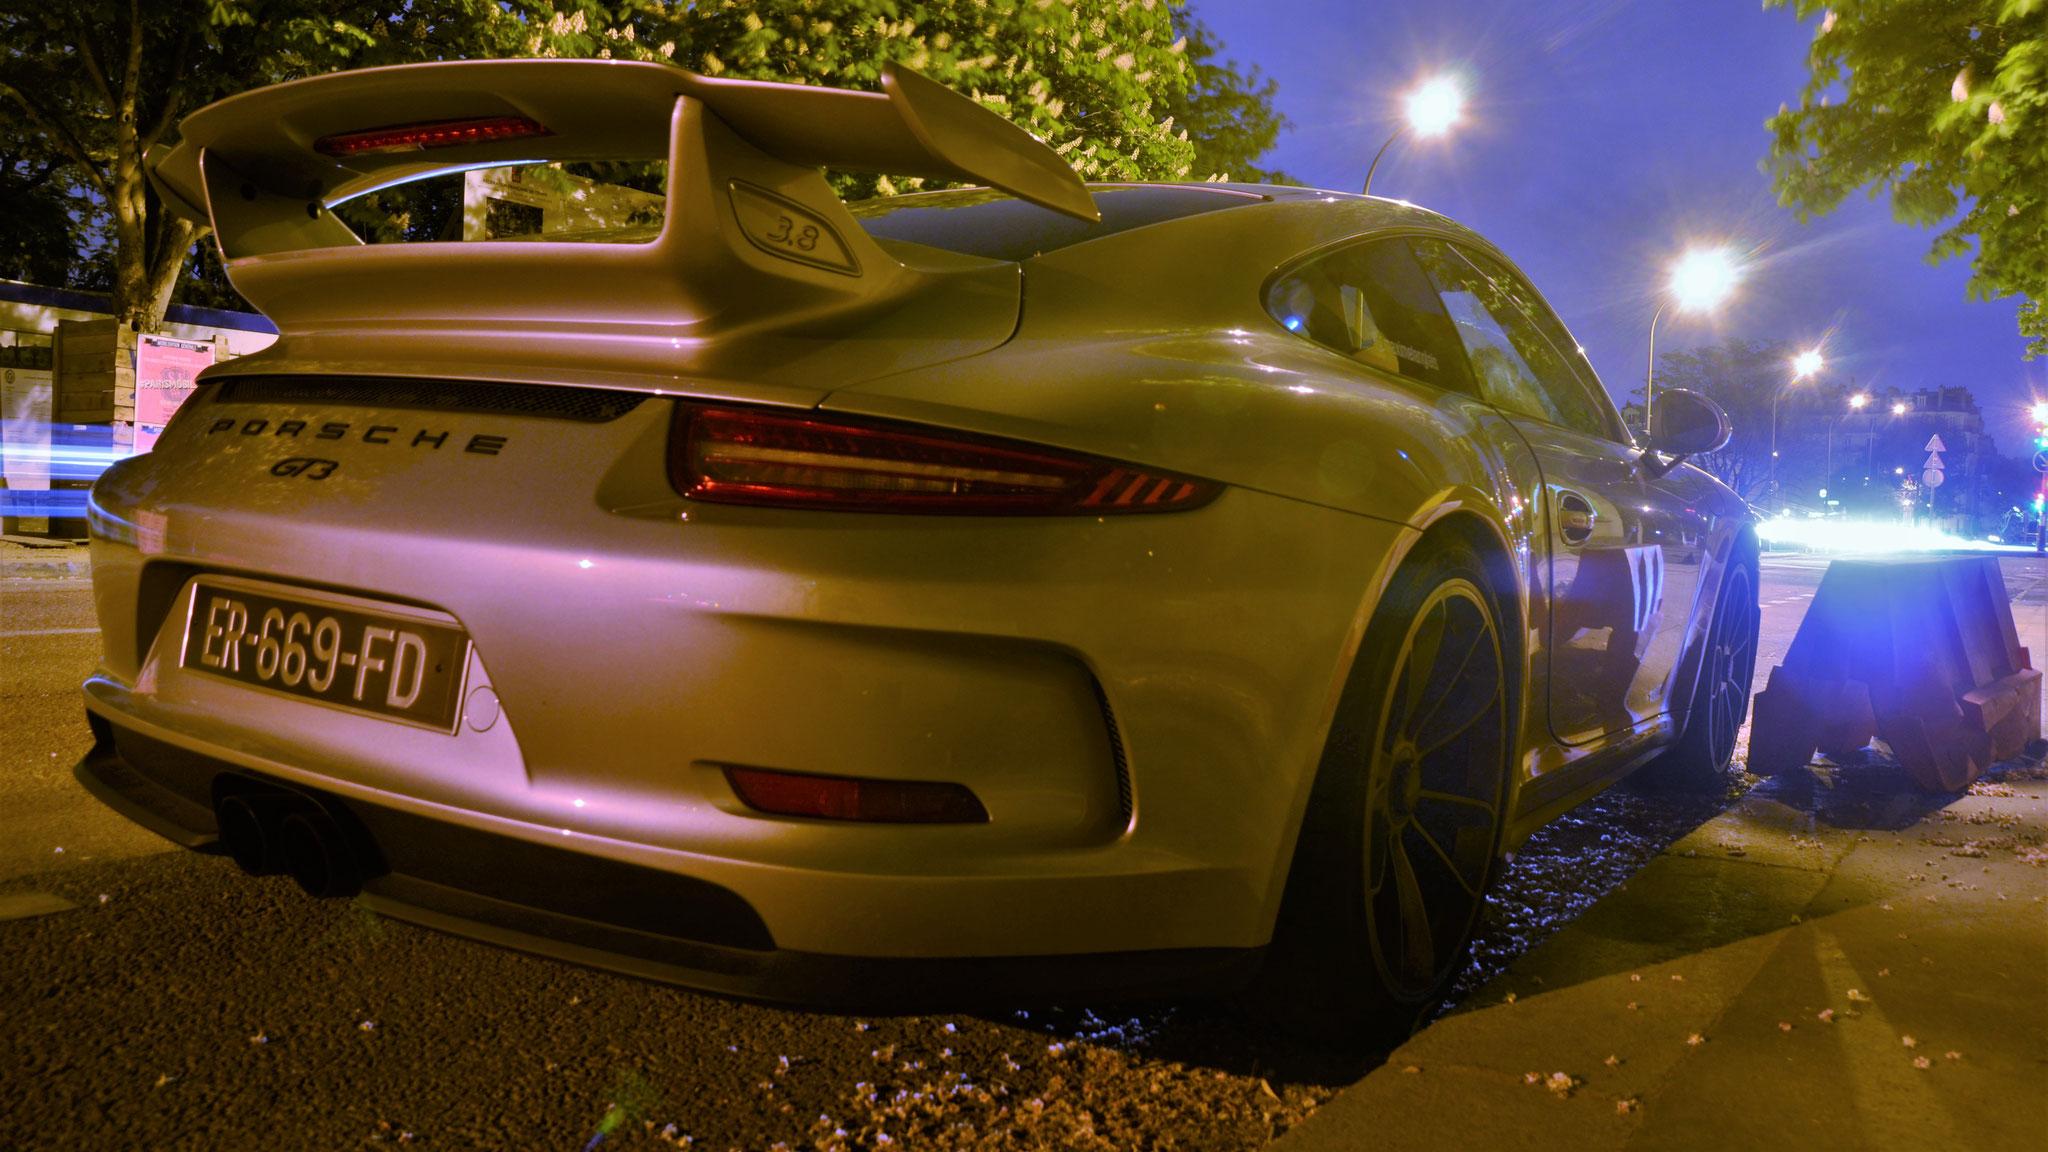 Porsche 991 GT3 - ER-669-FD (FRA)